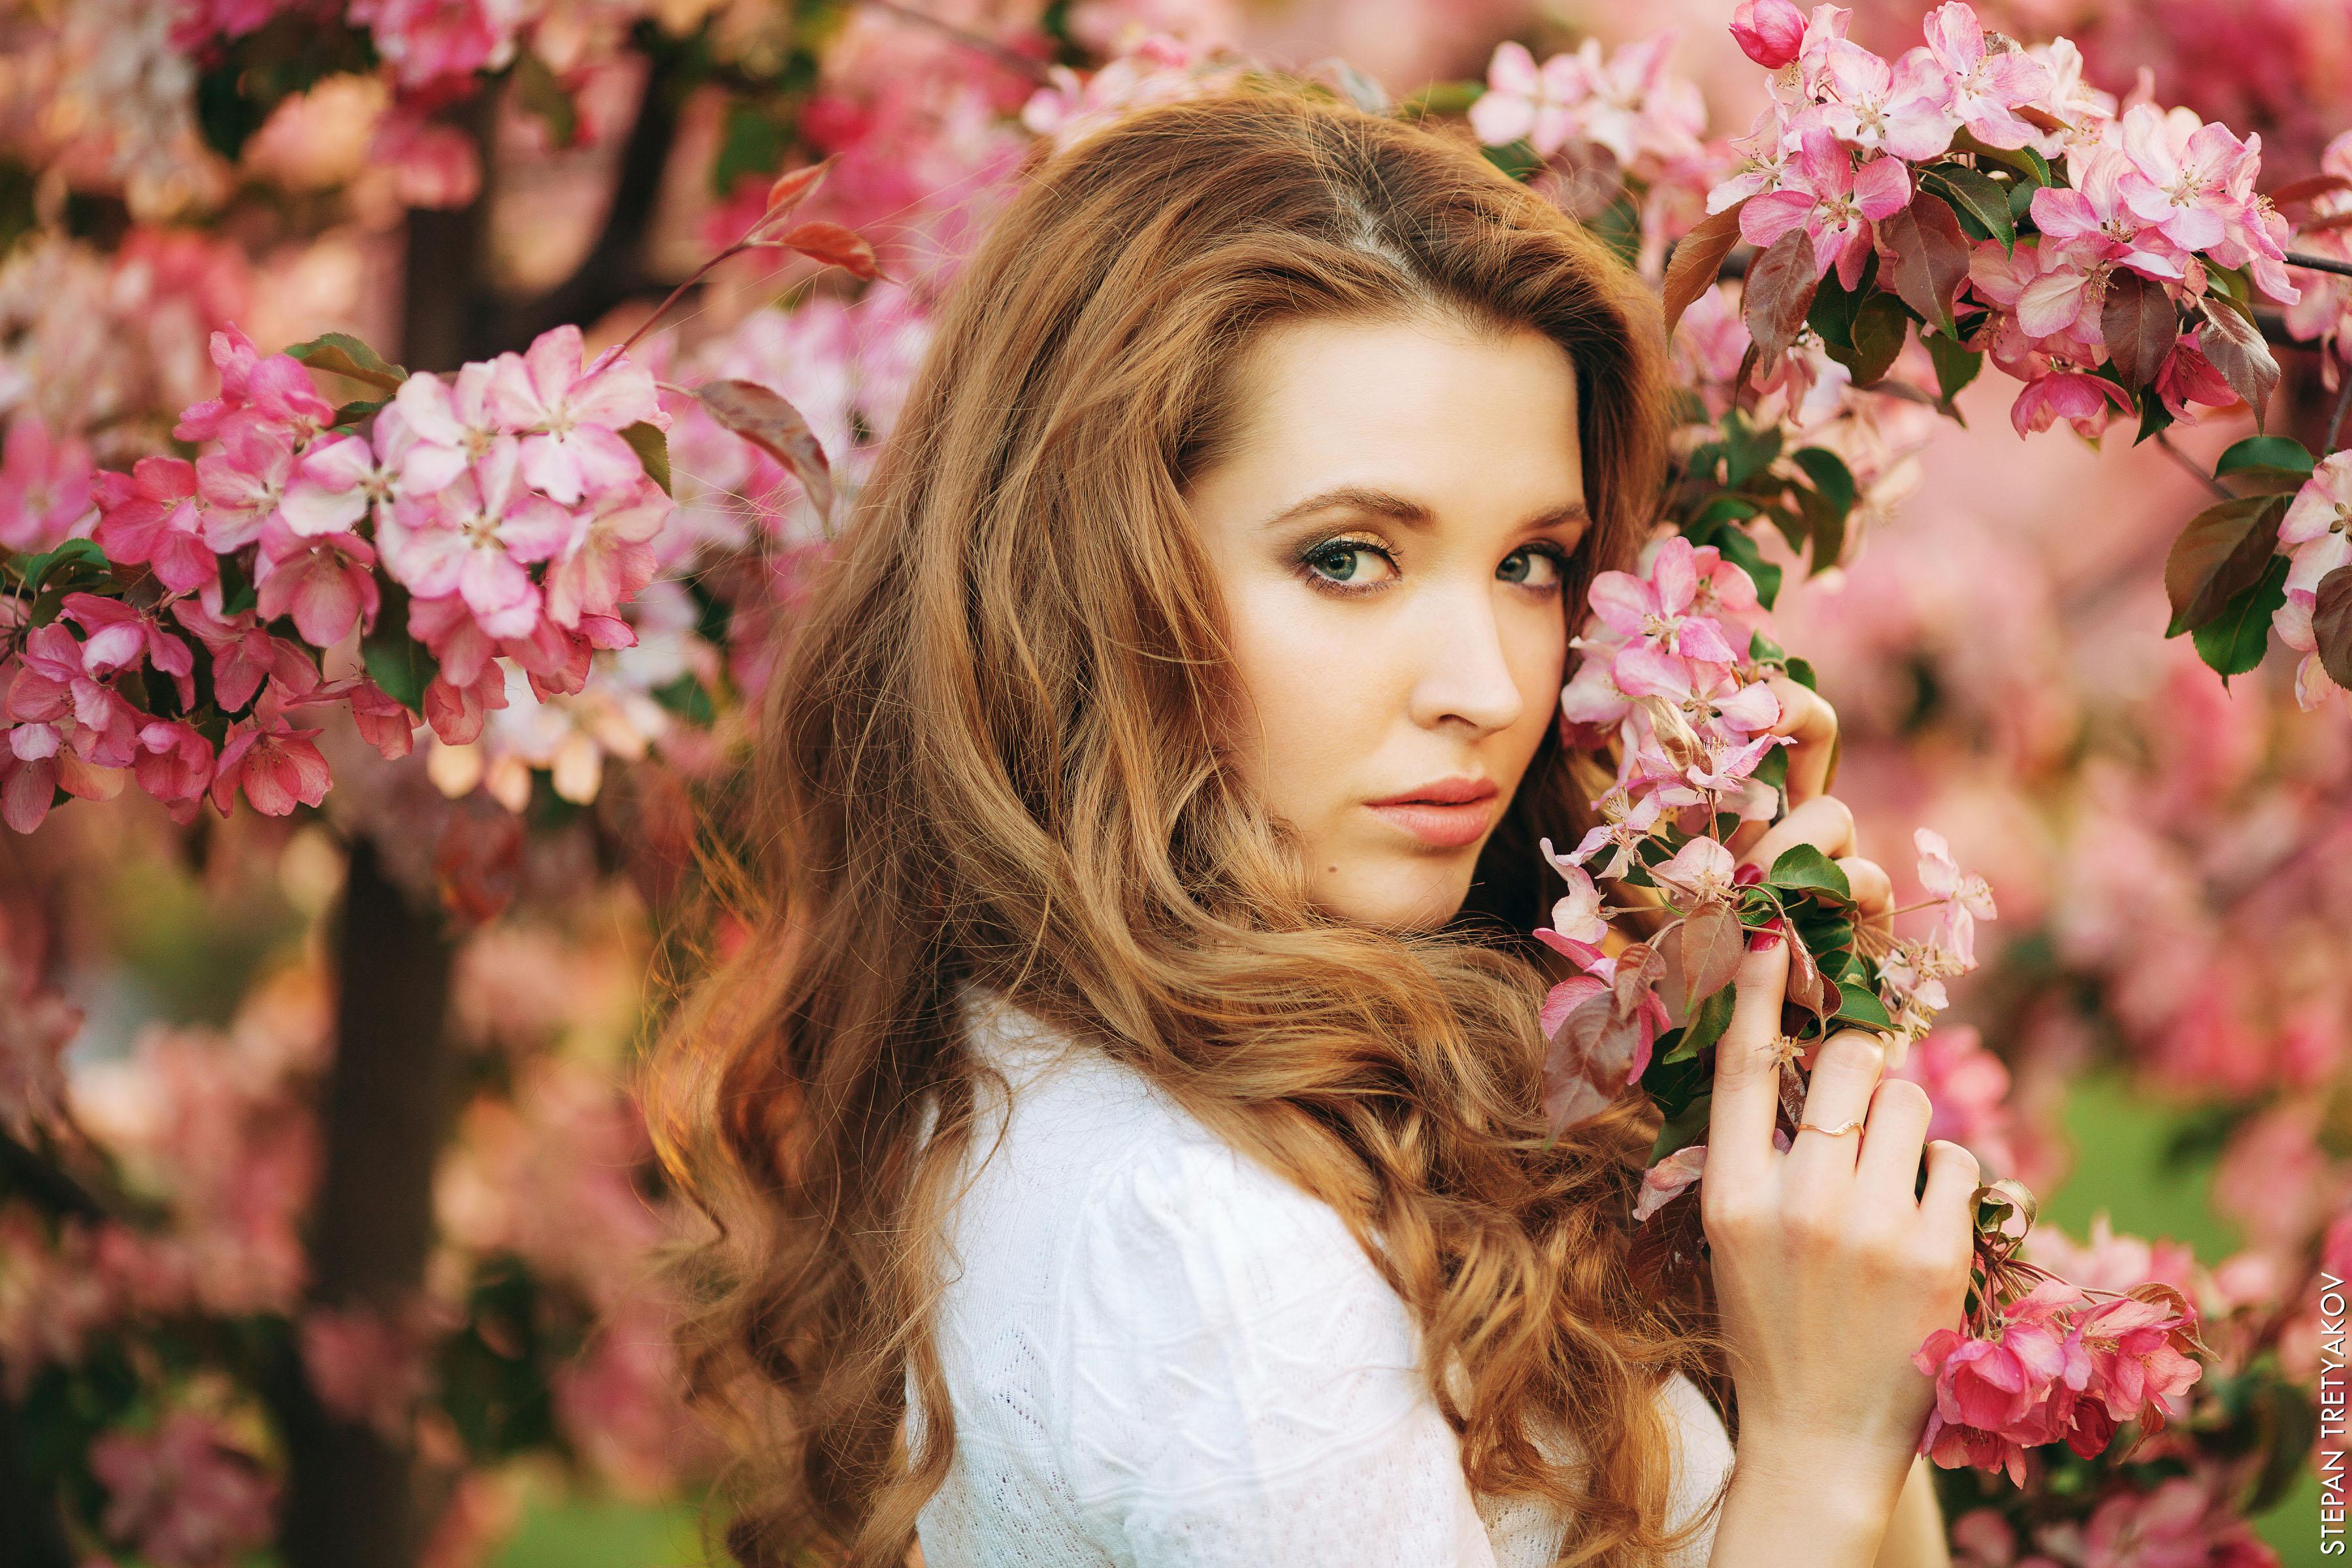 фотосессия в цветущем саду картинки также